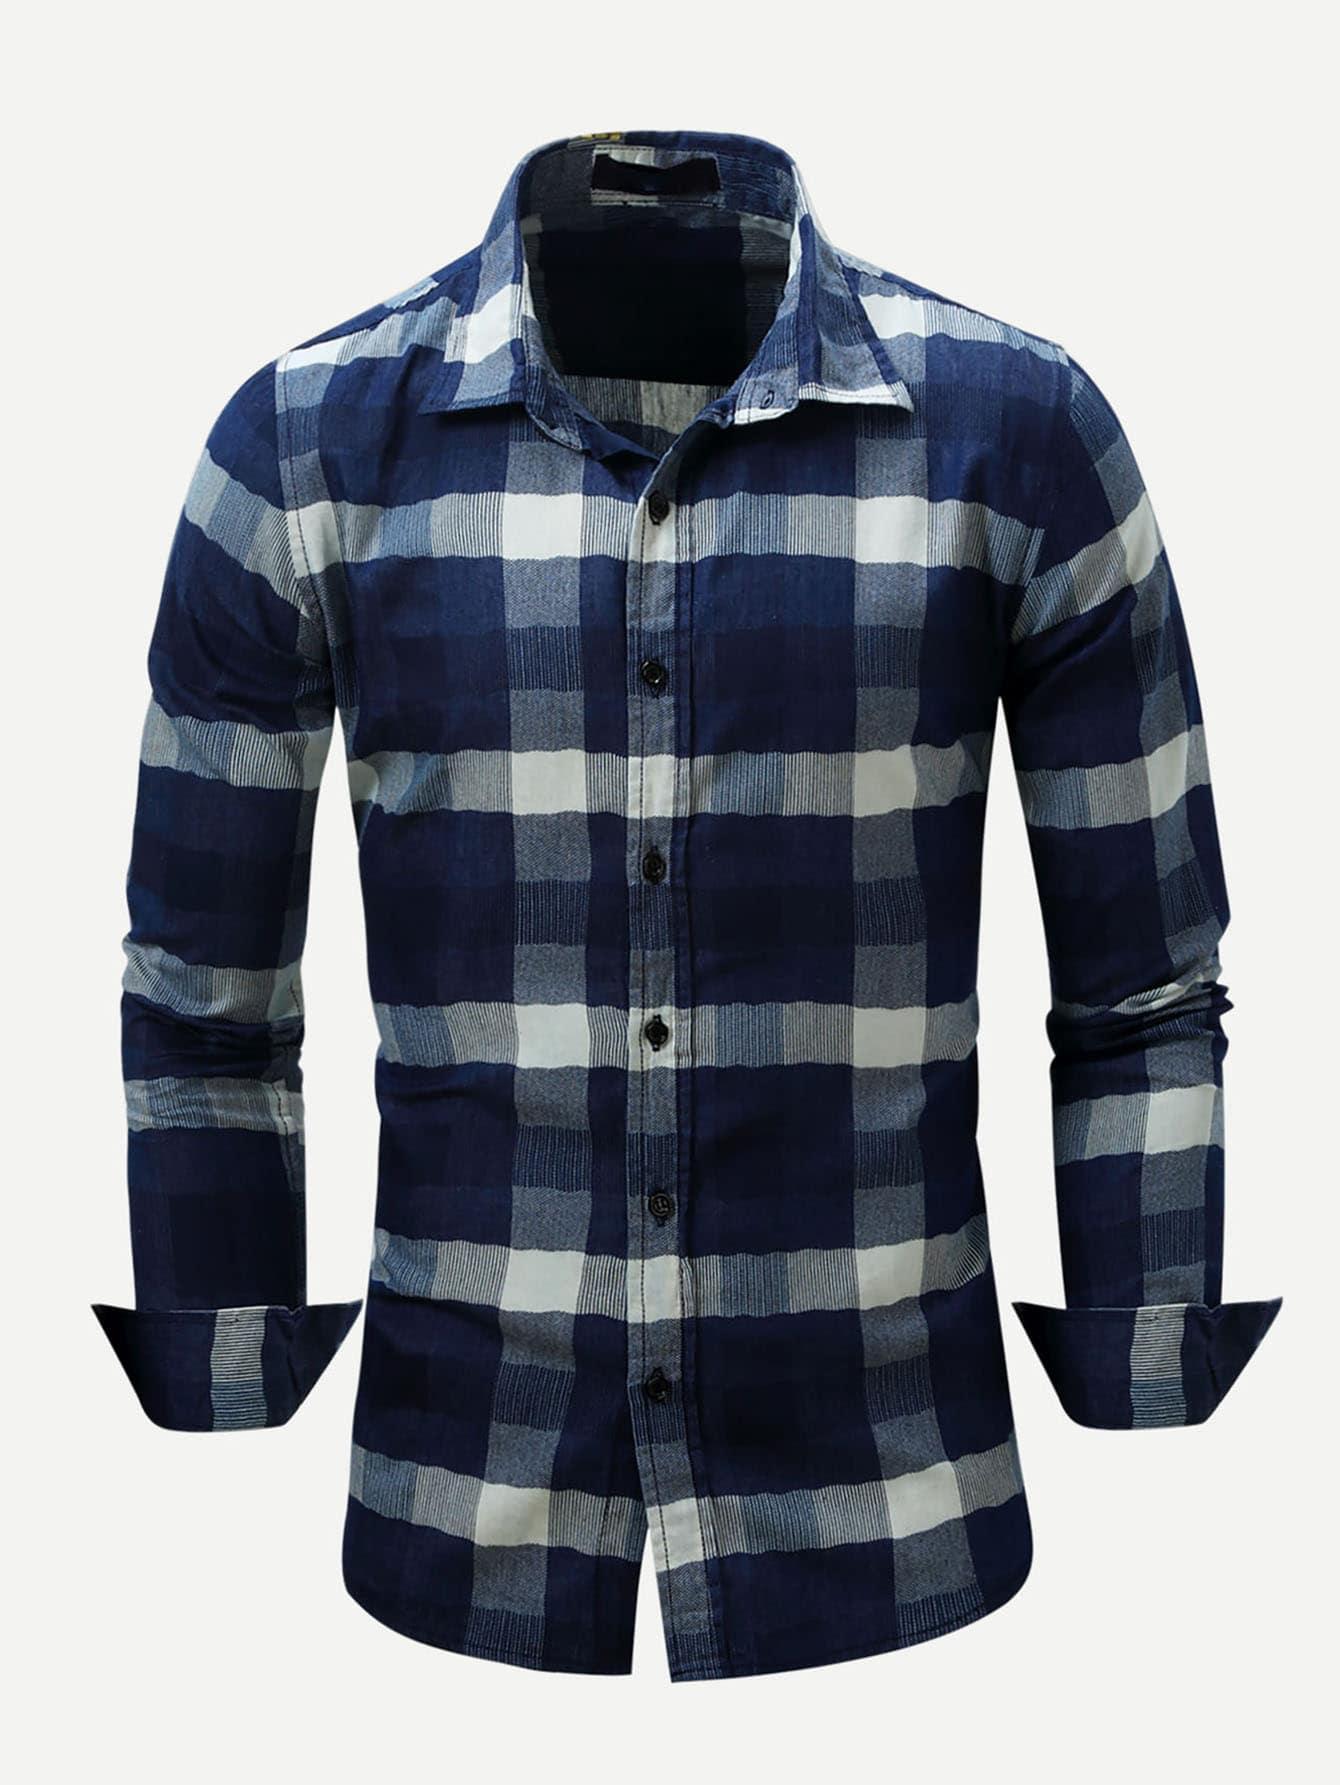 Männer Jeans Bluse mit Plaid